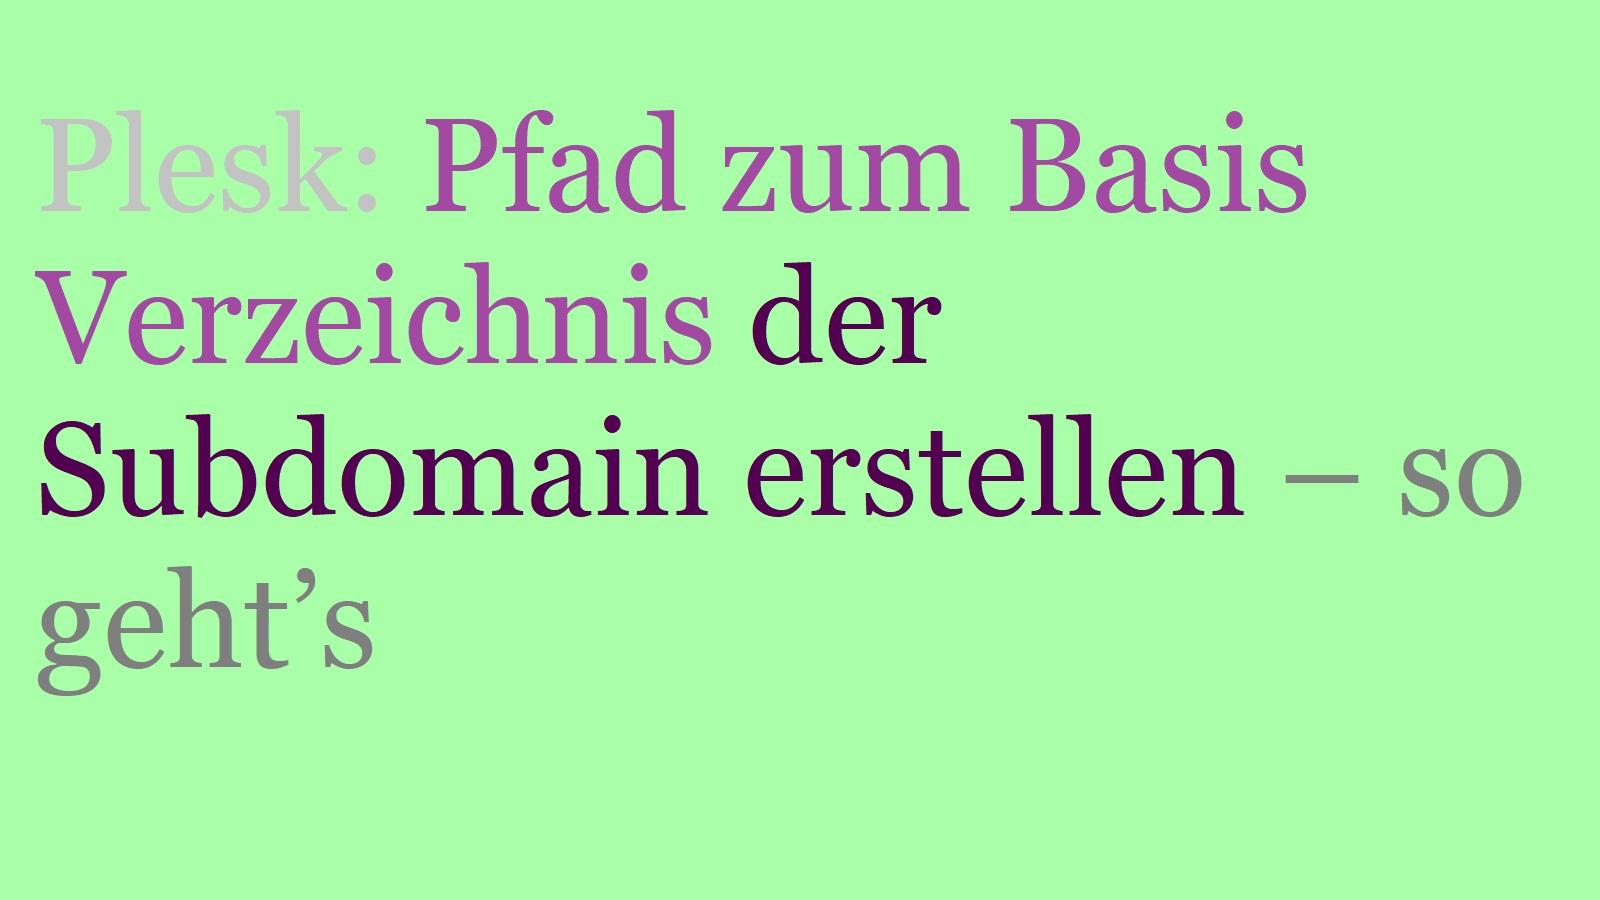 pfad-zum-basisverzeichnis-der-subdomain-mit-plesk